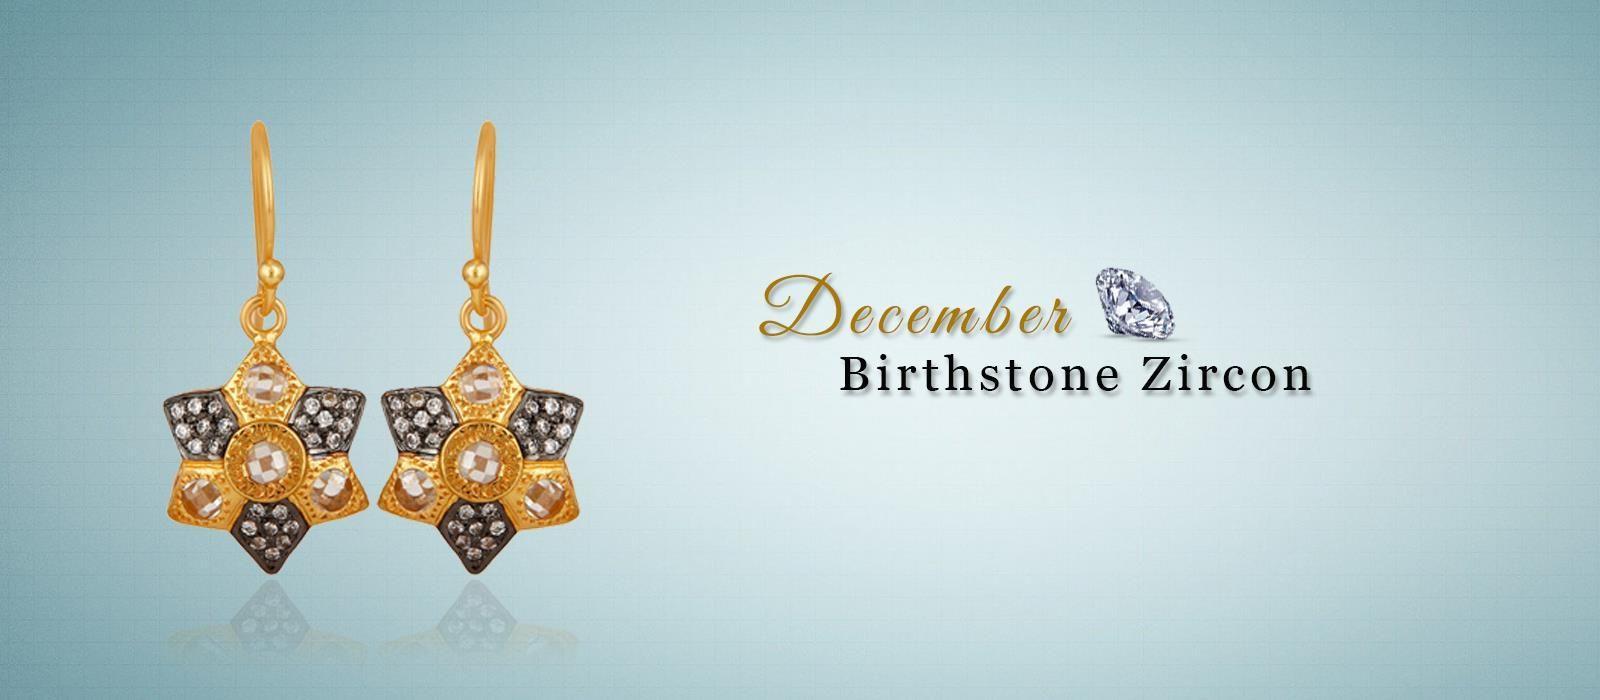 December Birthstone Zircon Jewelry Manufacturer